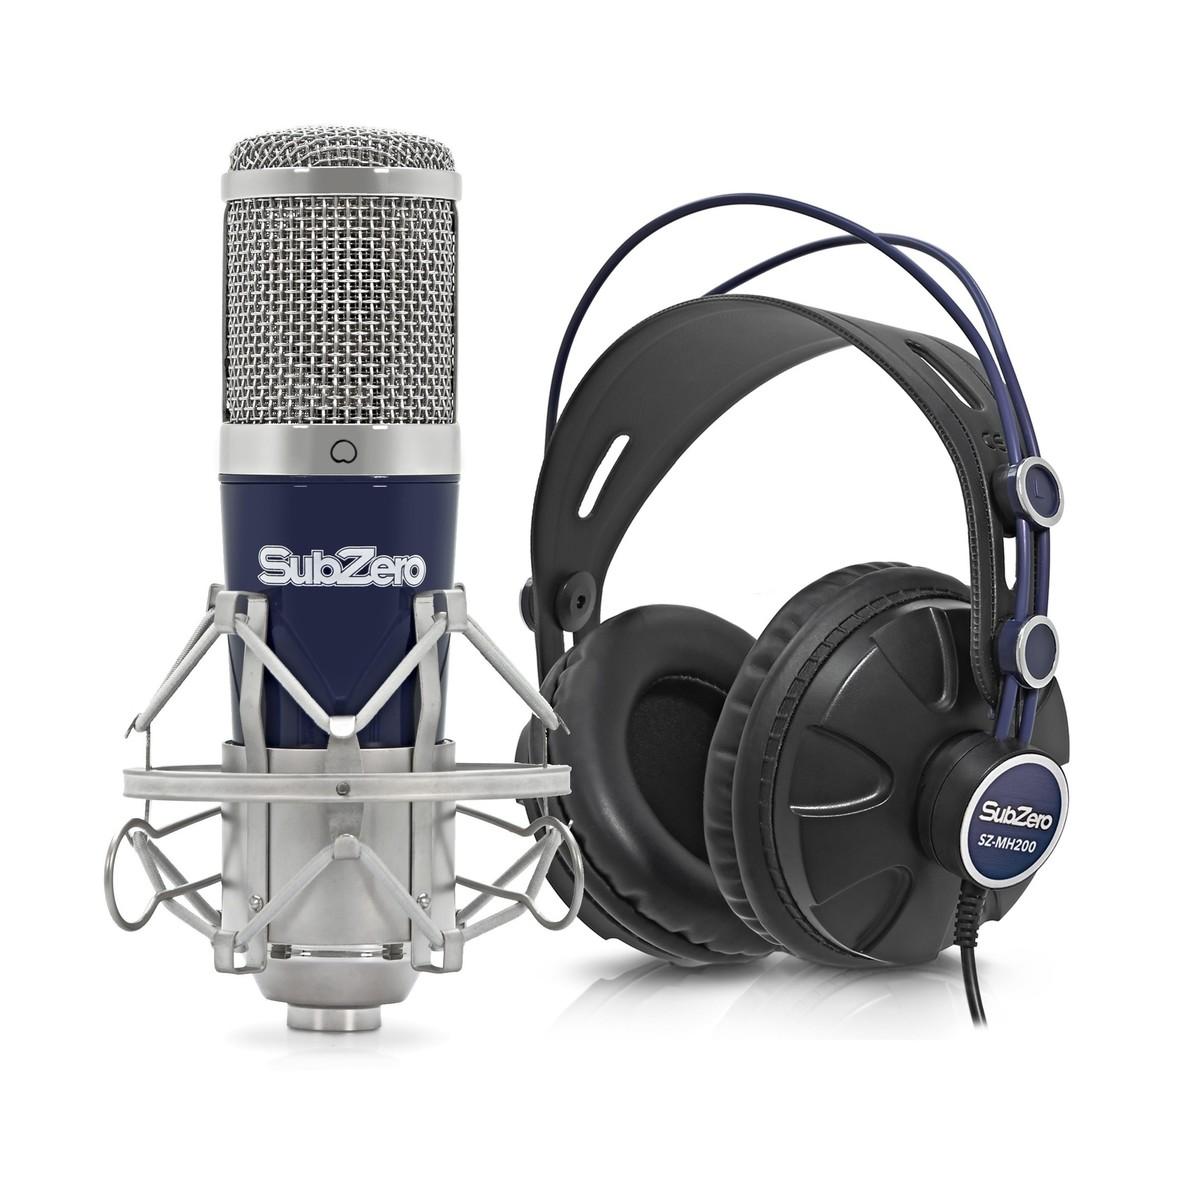 Pack Avec Microphone Subzero Szc 500 Usb Et Casque Audio Gear4music